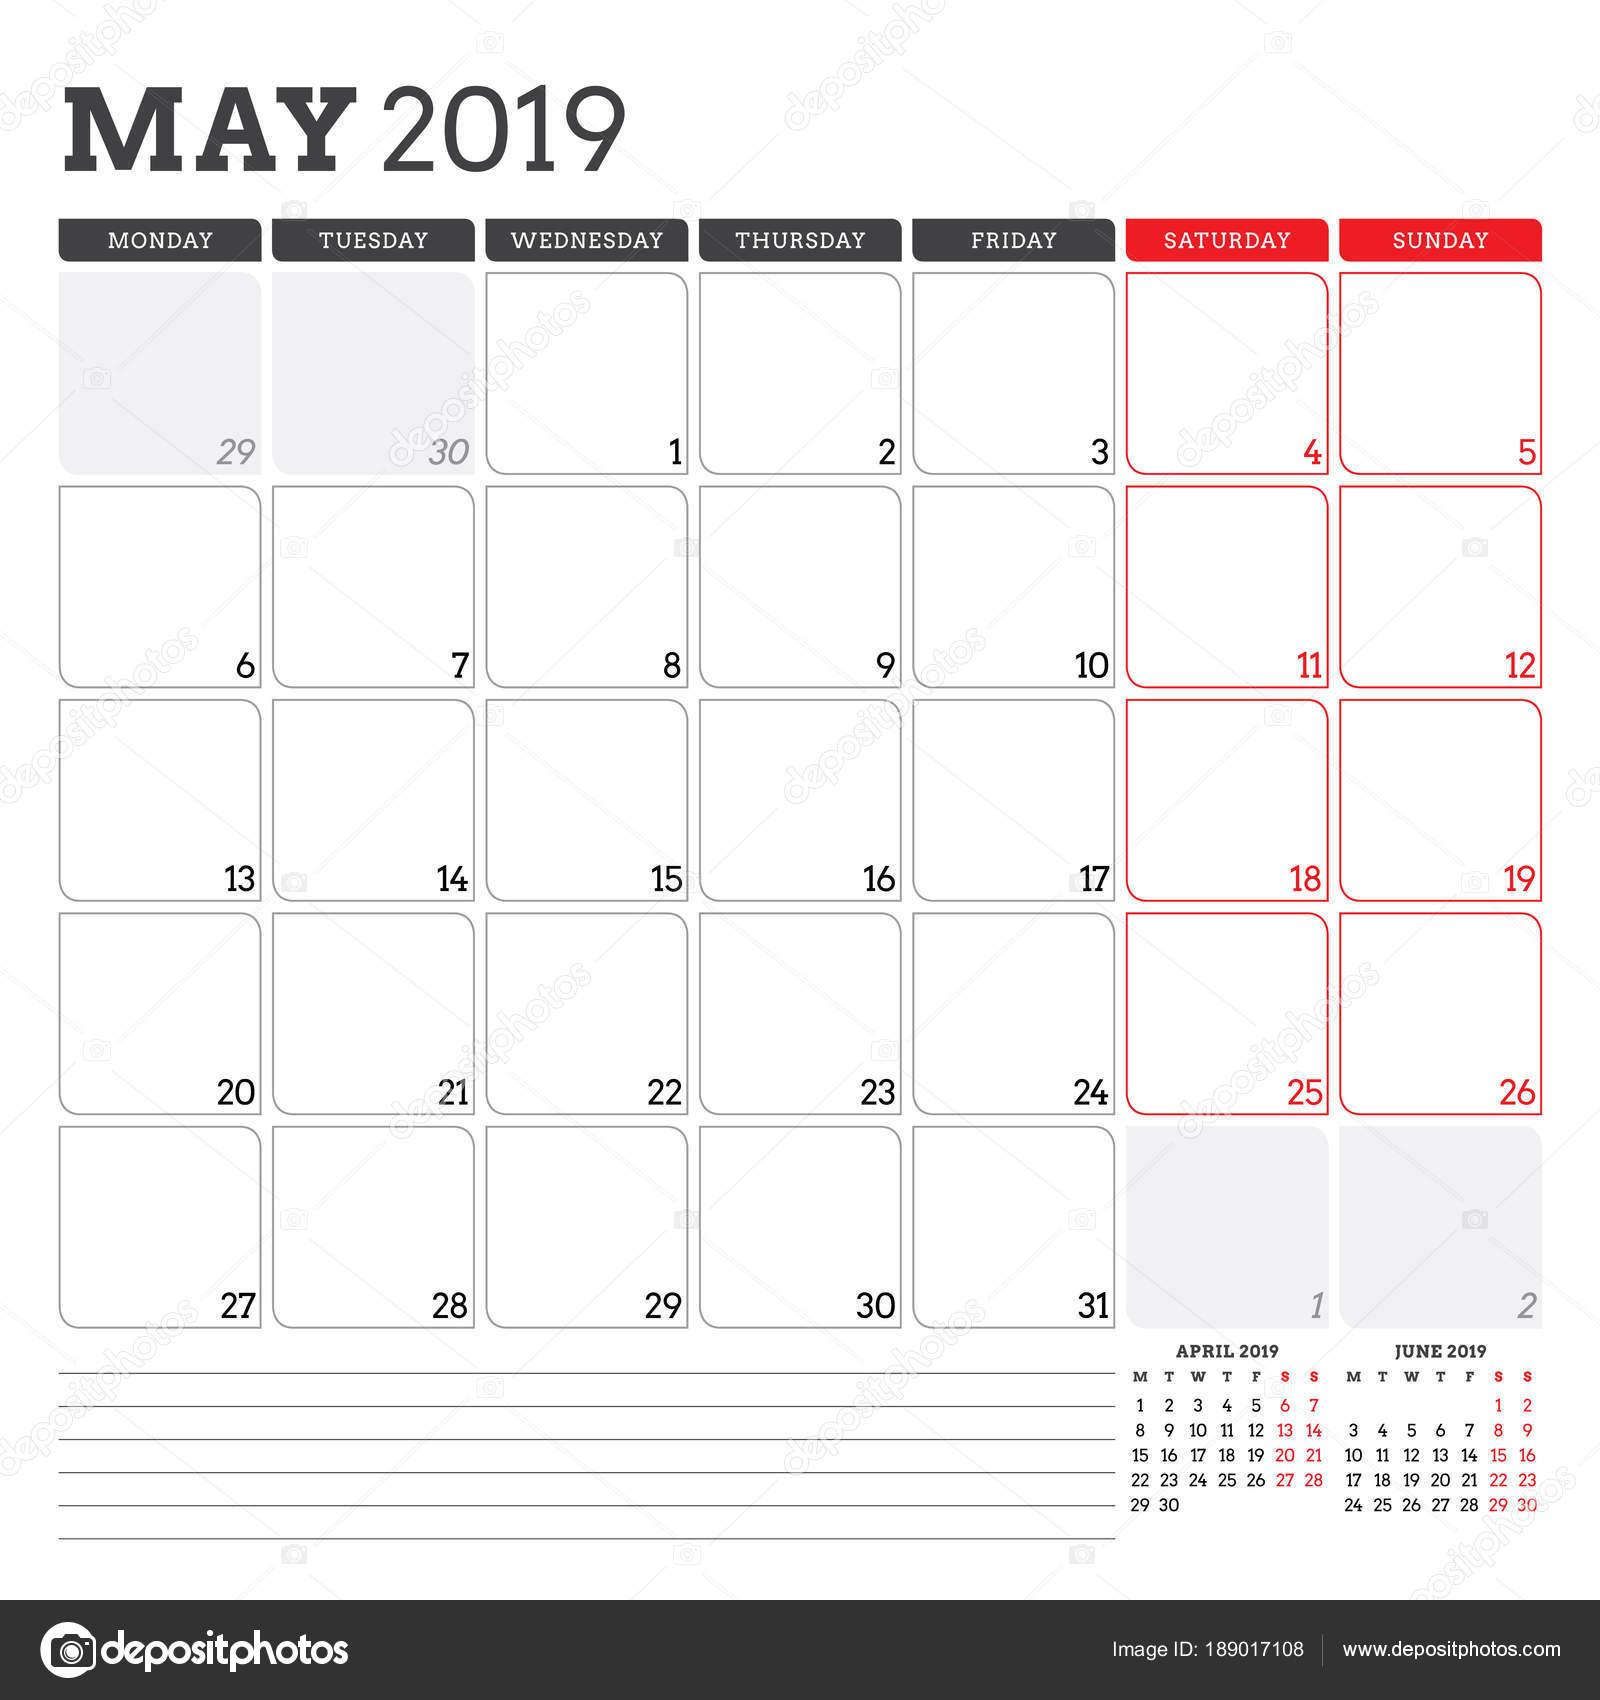 printable monday through friday calendar